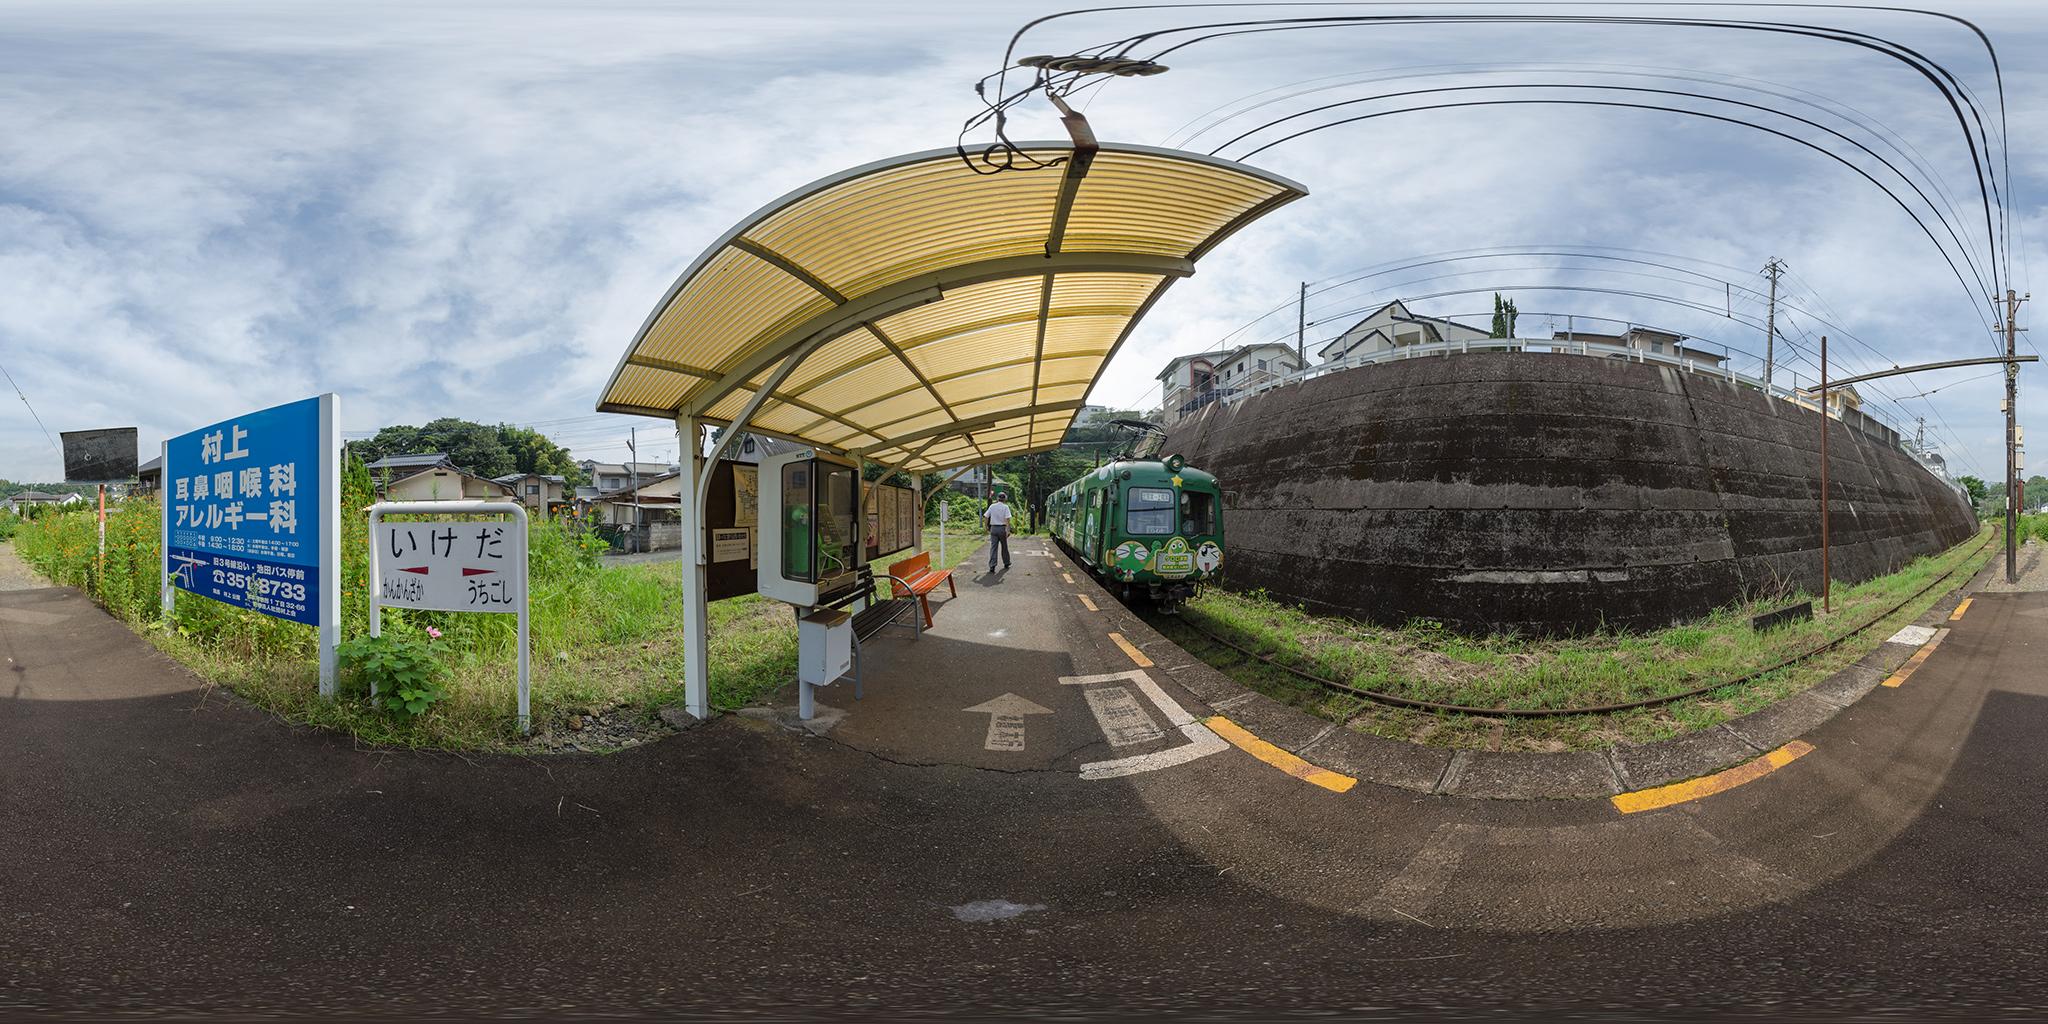 池田駅を5101Aの音